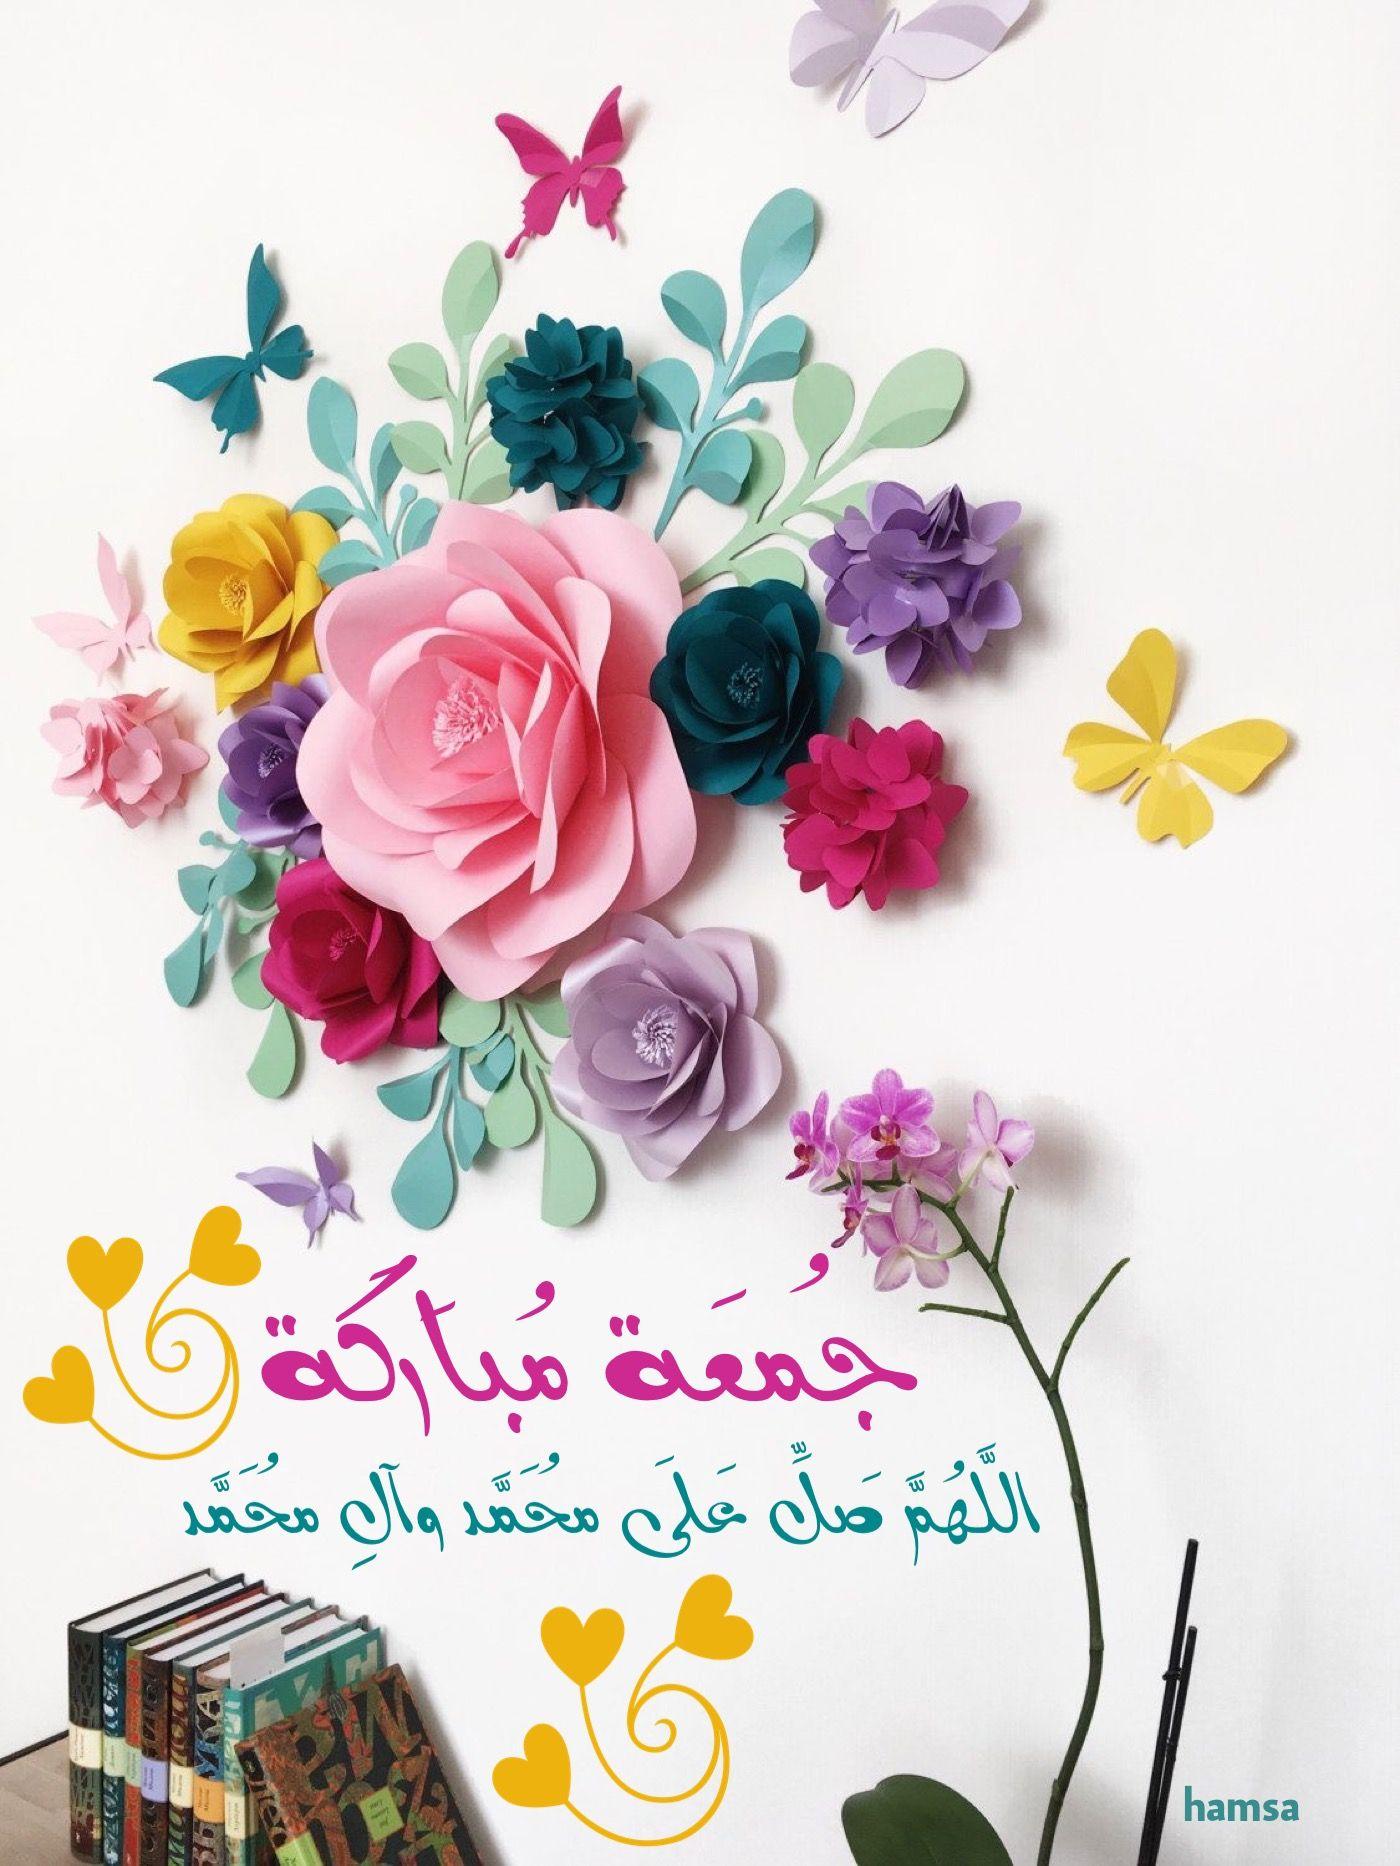 بالصور تهاني الجمعة , بارك جمعة احبائك باجمل تهاني جمعة 5135 3